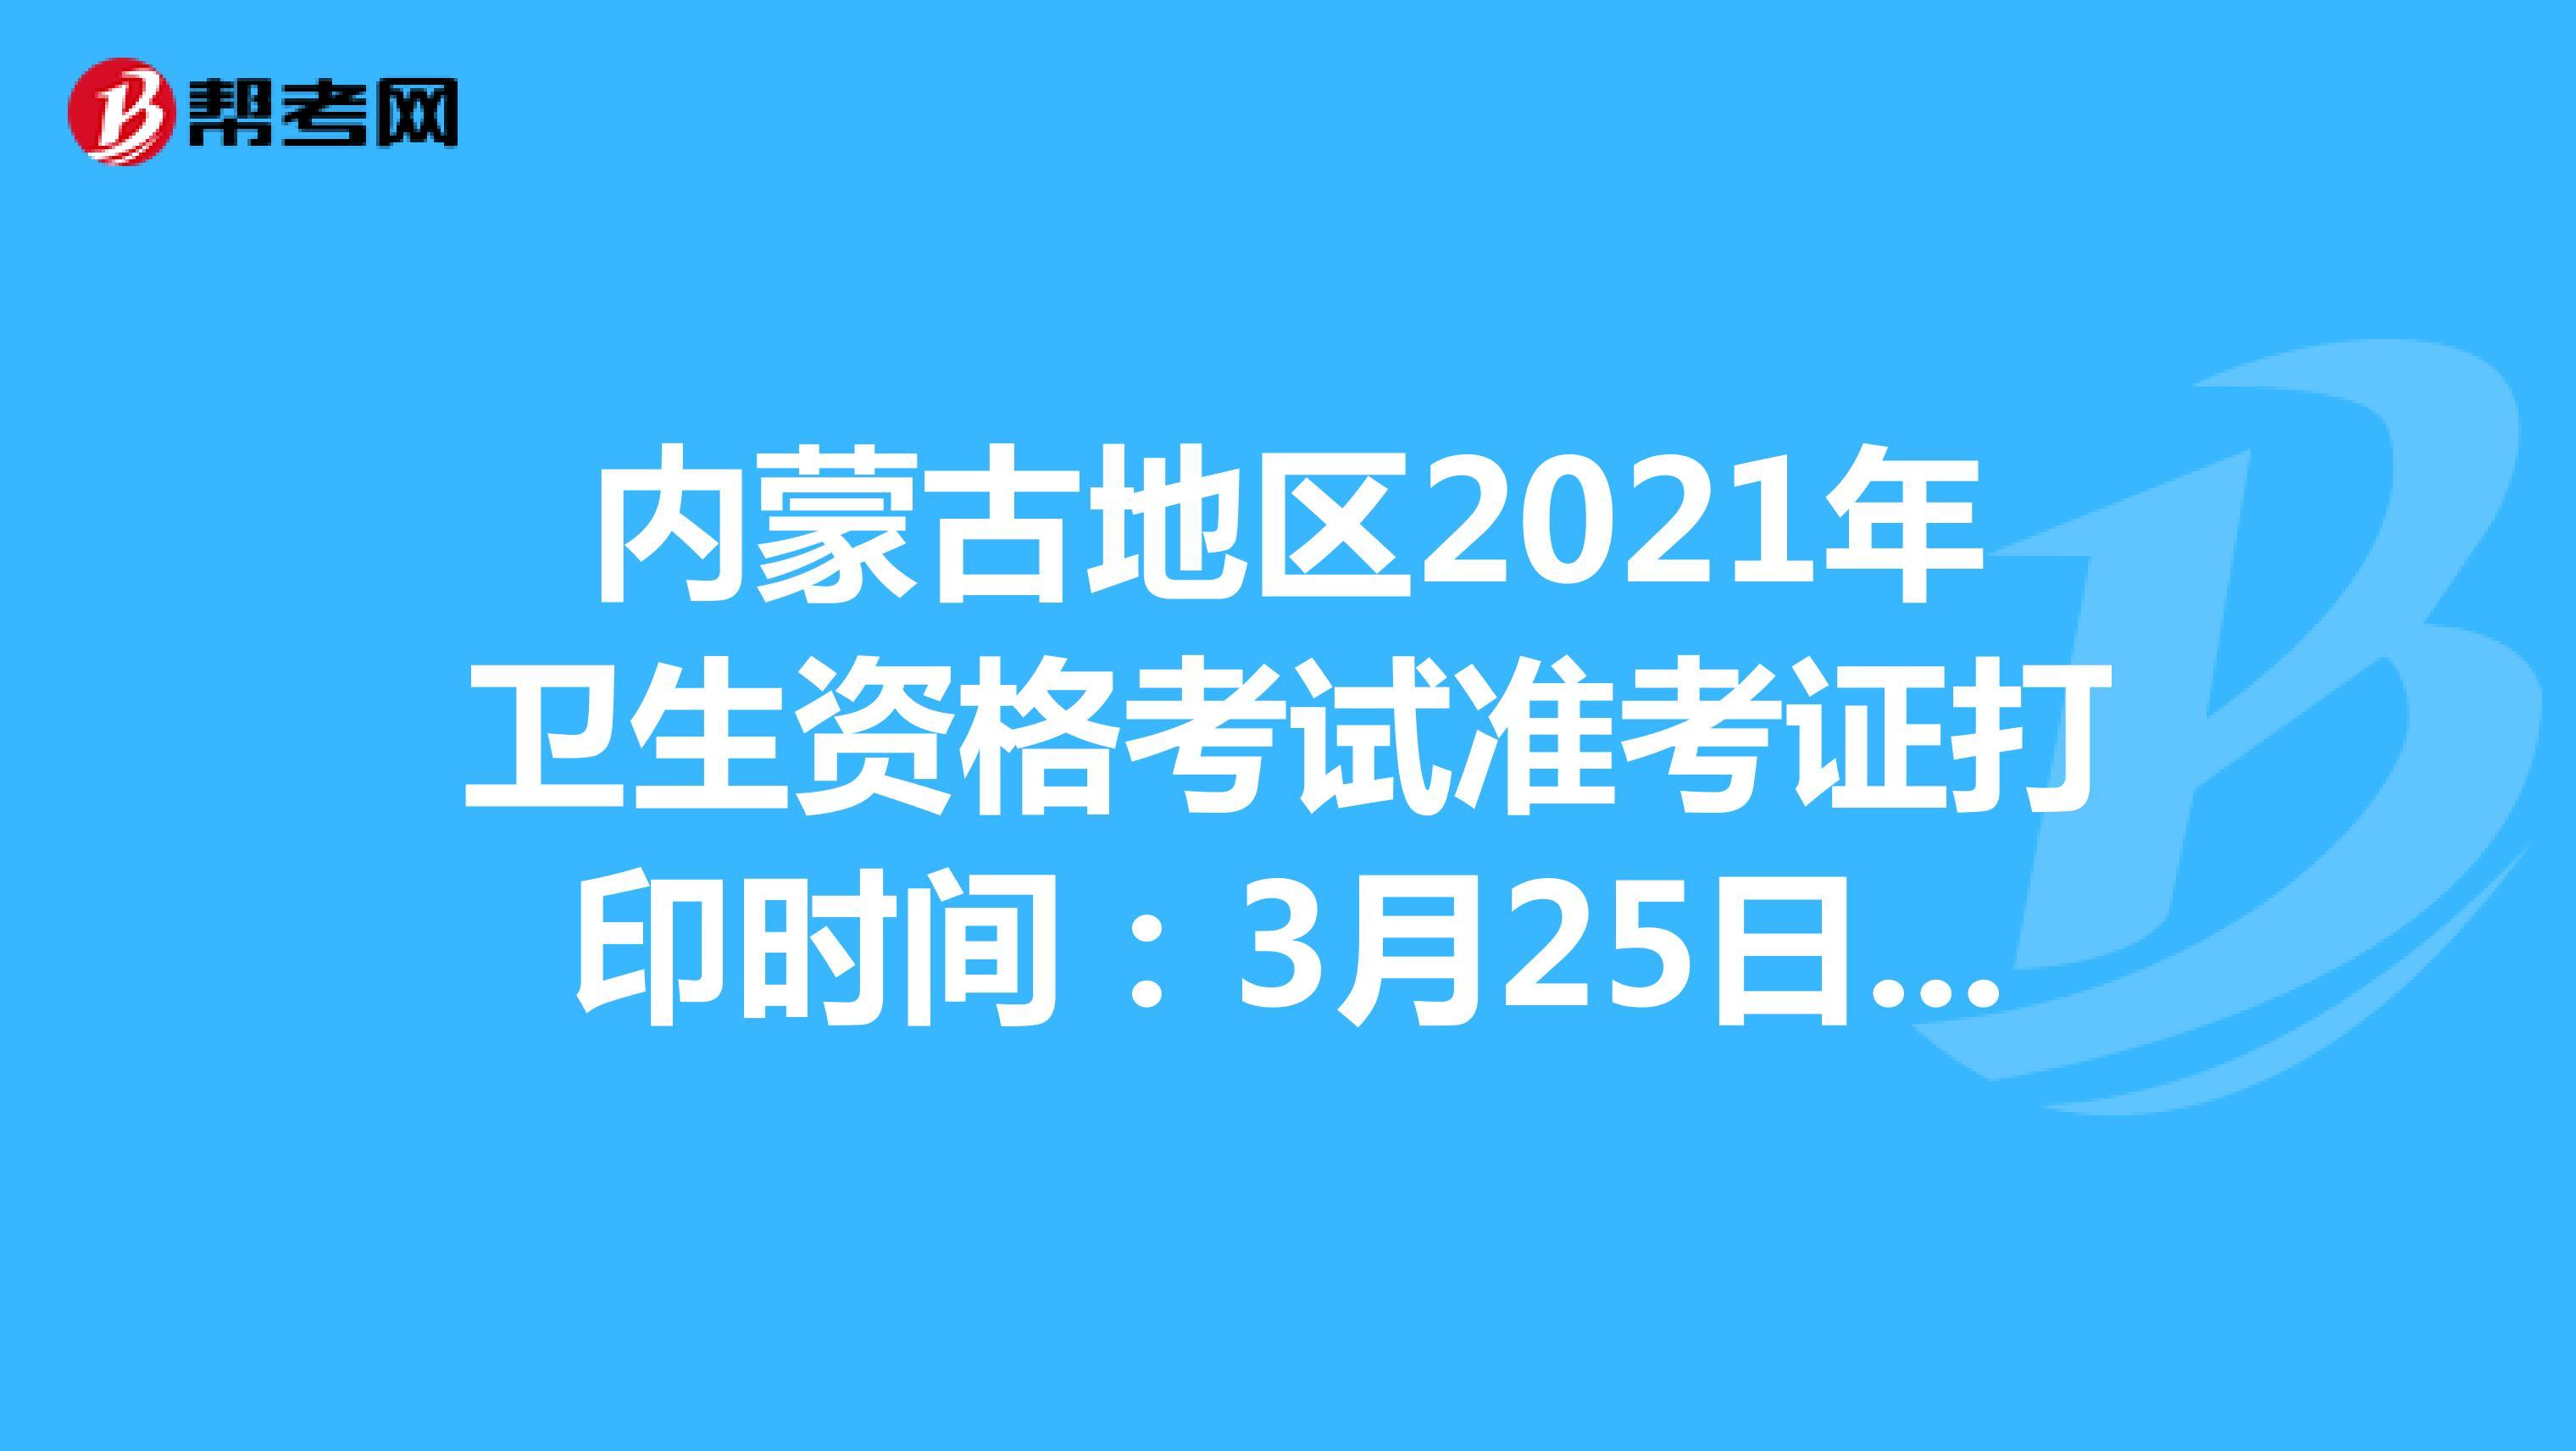 內蒙古地區2021年衛生資格考試準考證打印時間:3月25日-4月18日